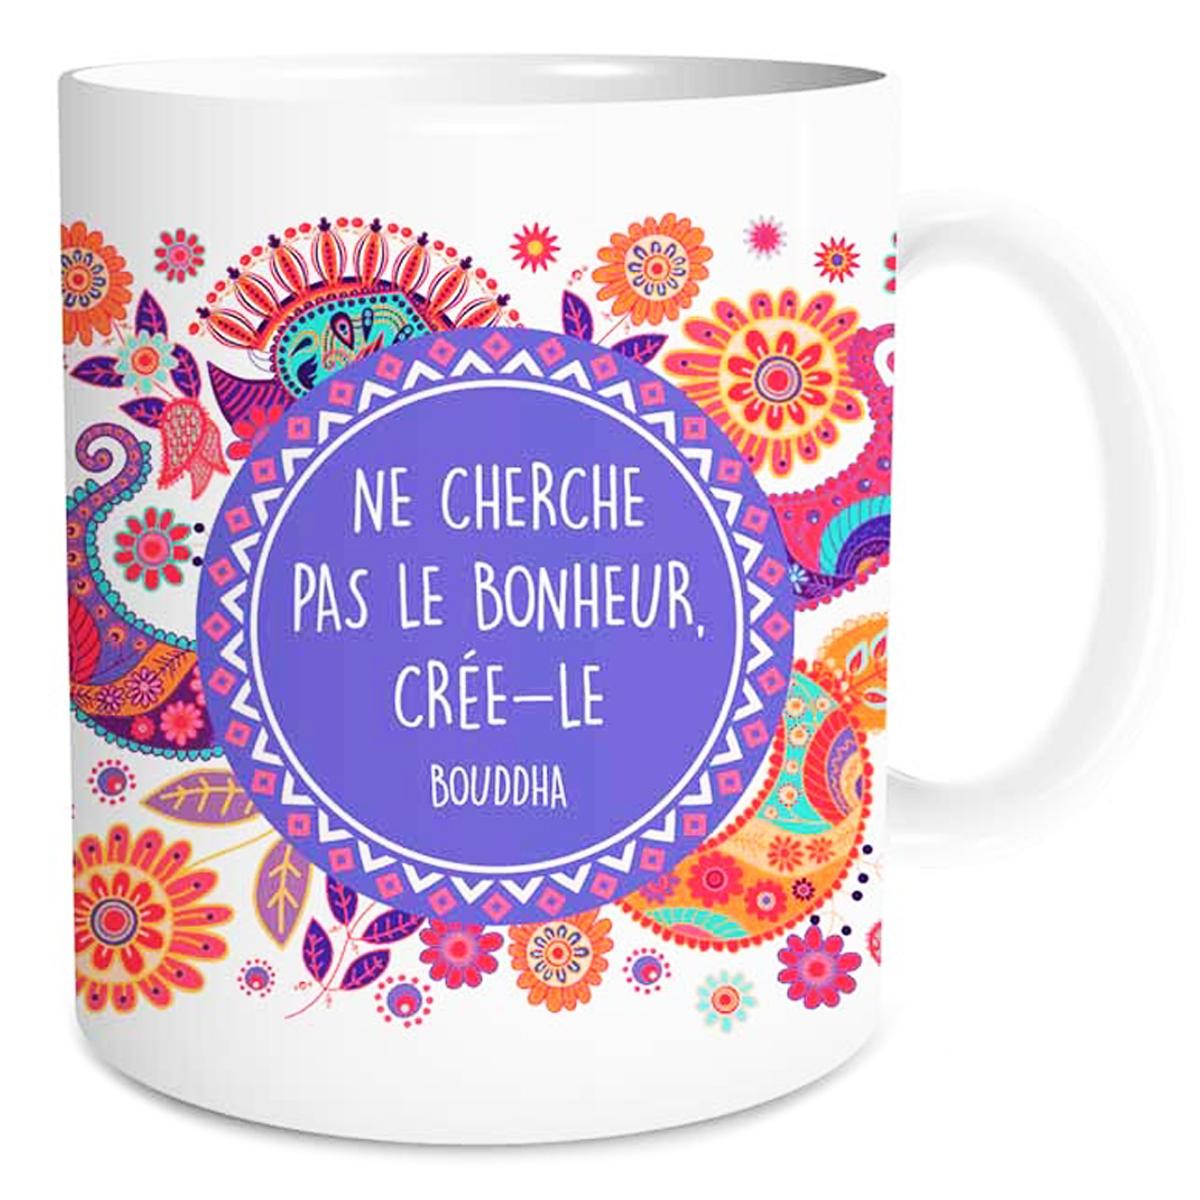 Mug céramique \'Sagesse\' (Ne cherche pas le bonheur, créé-le - Bouddha) - 95x8 cm - [Q3654]